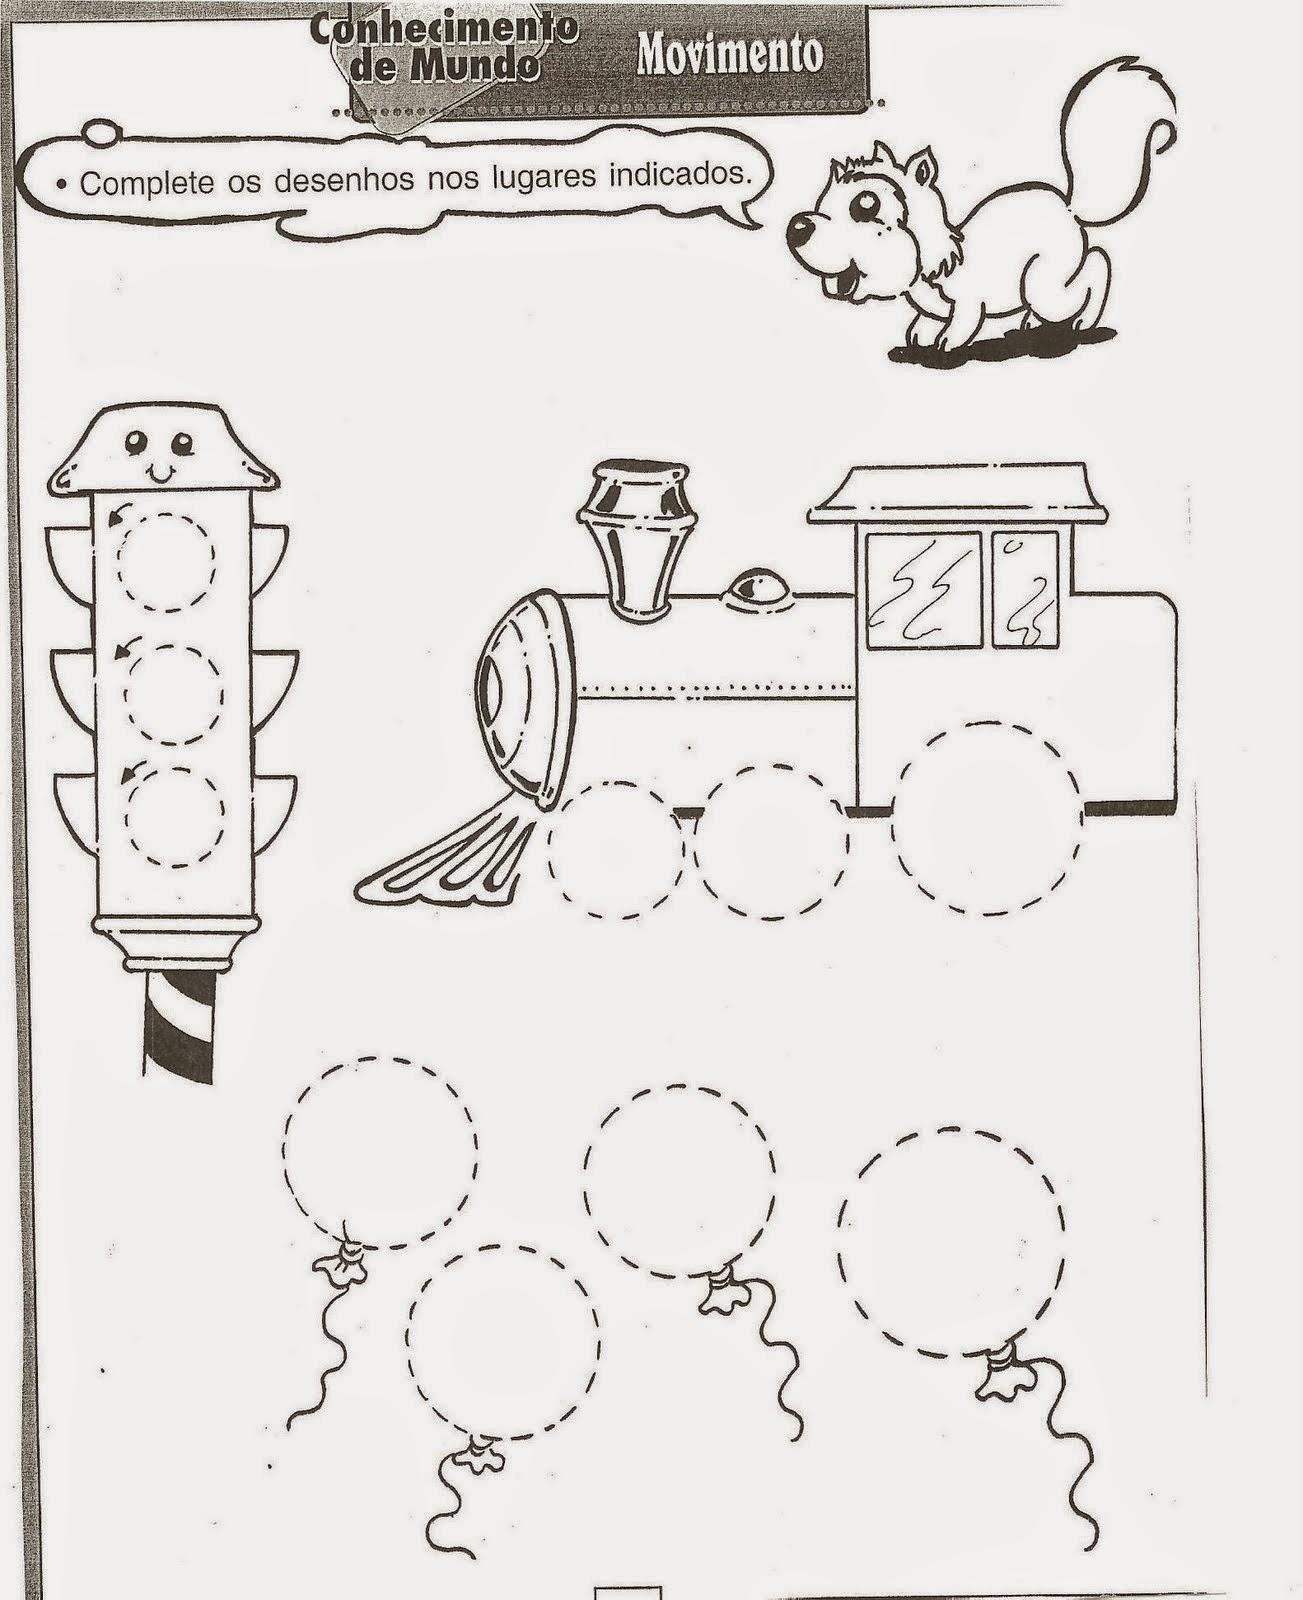 Atividades Formas Geom Figuras Educa Infantil Desenhos Imprimir Baudaweb Com Abraco Em Circulo Desenho